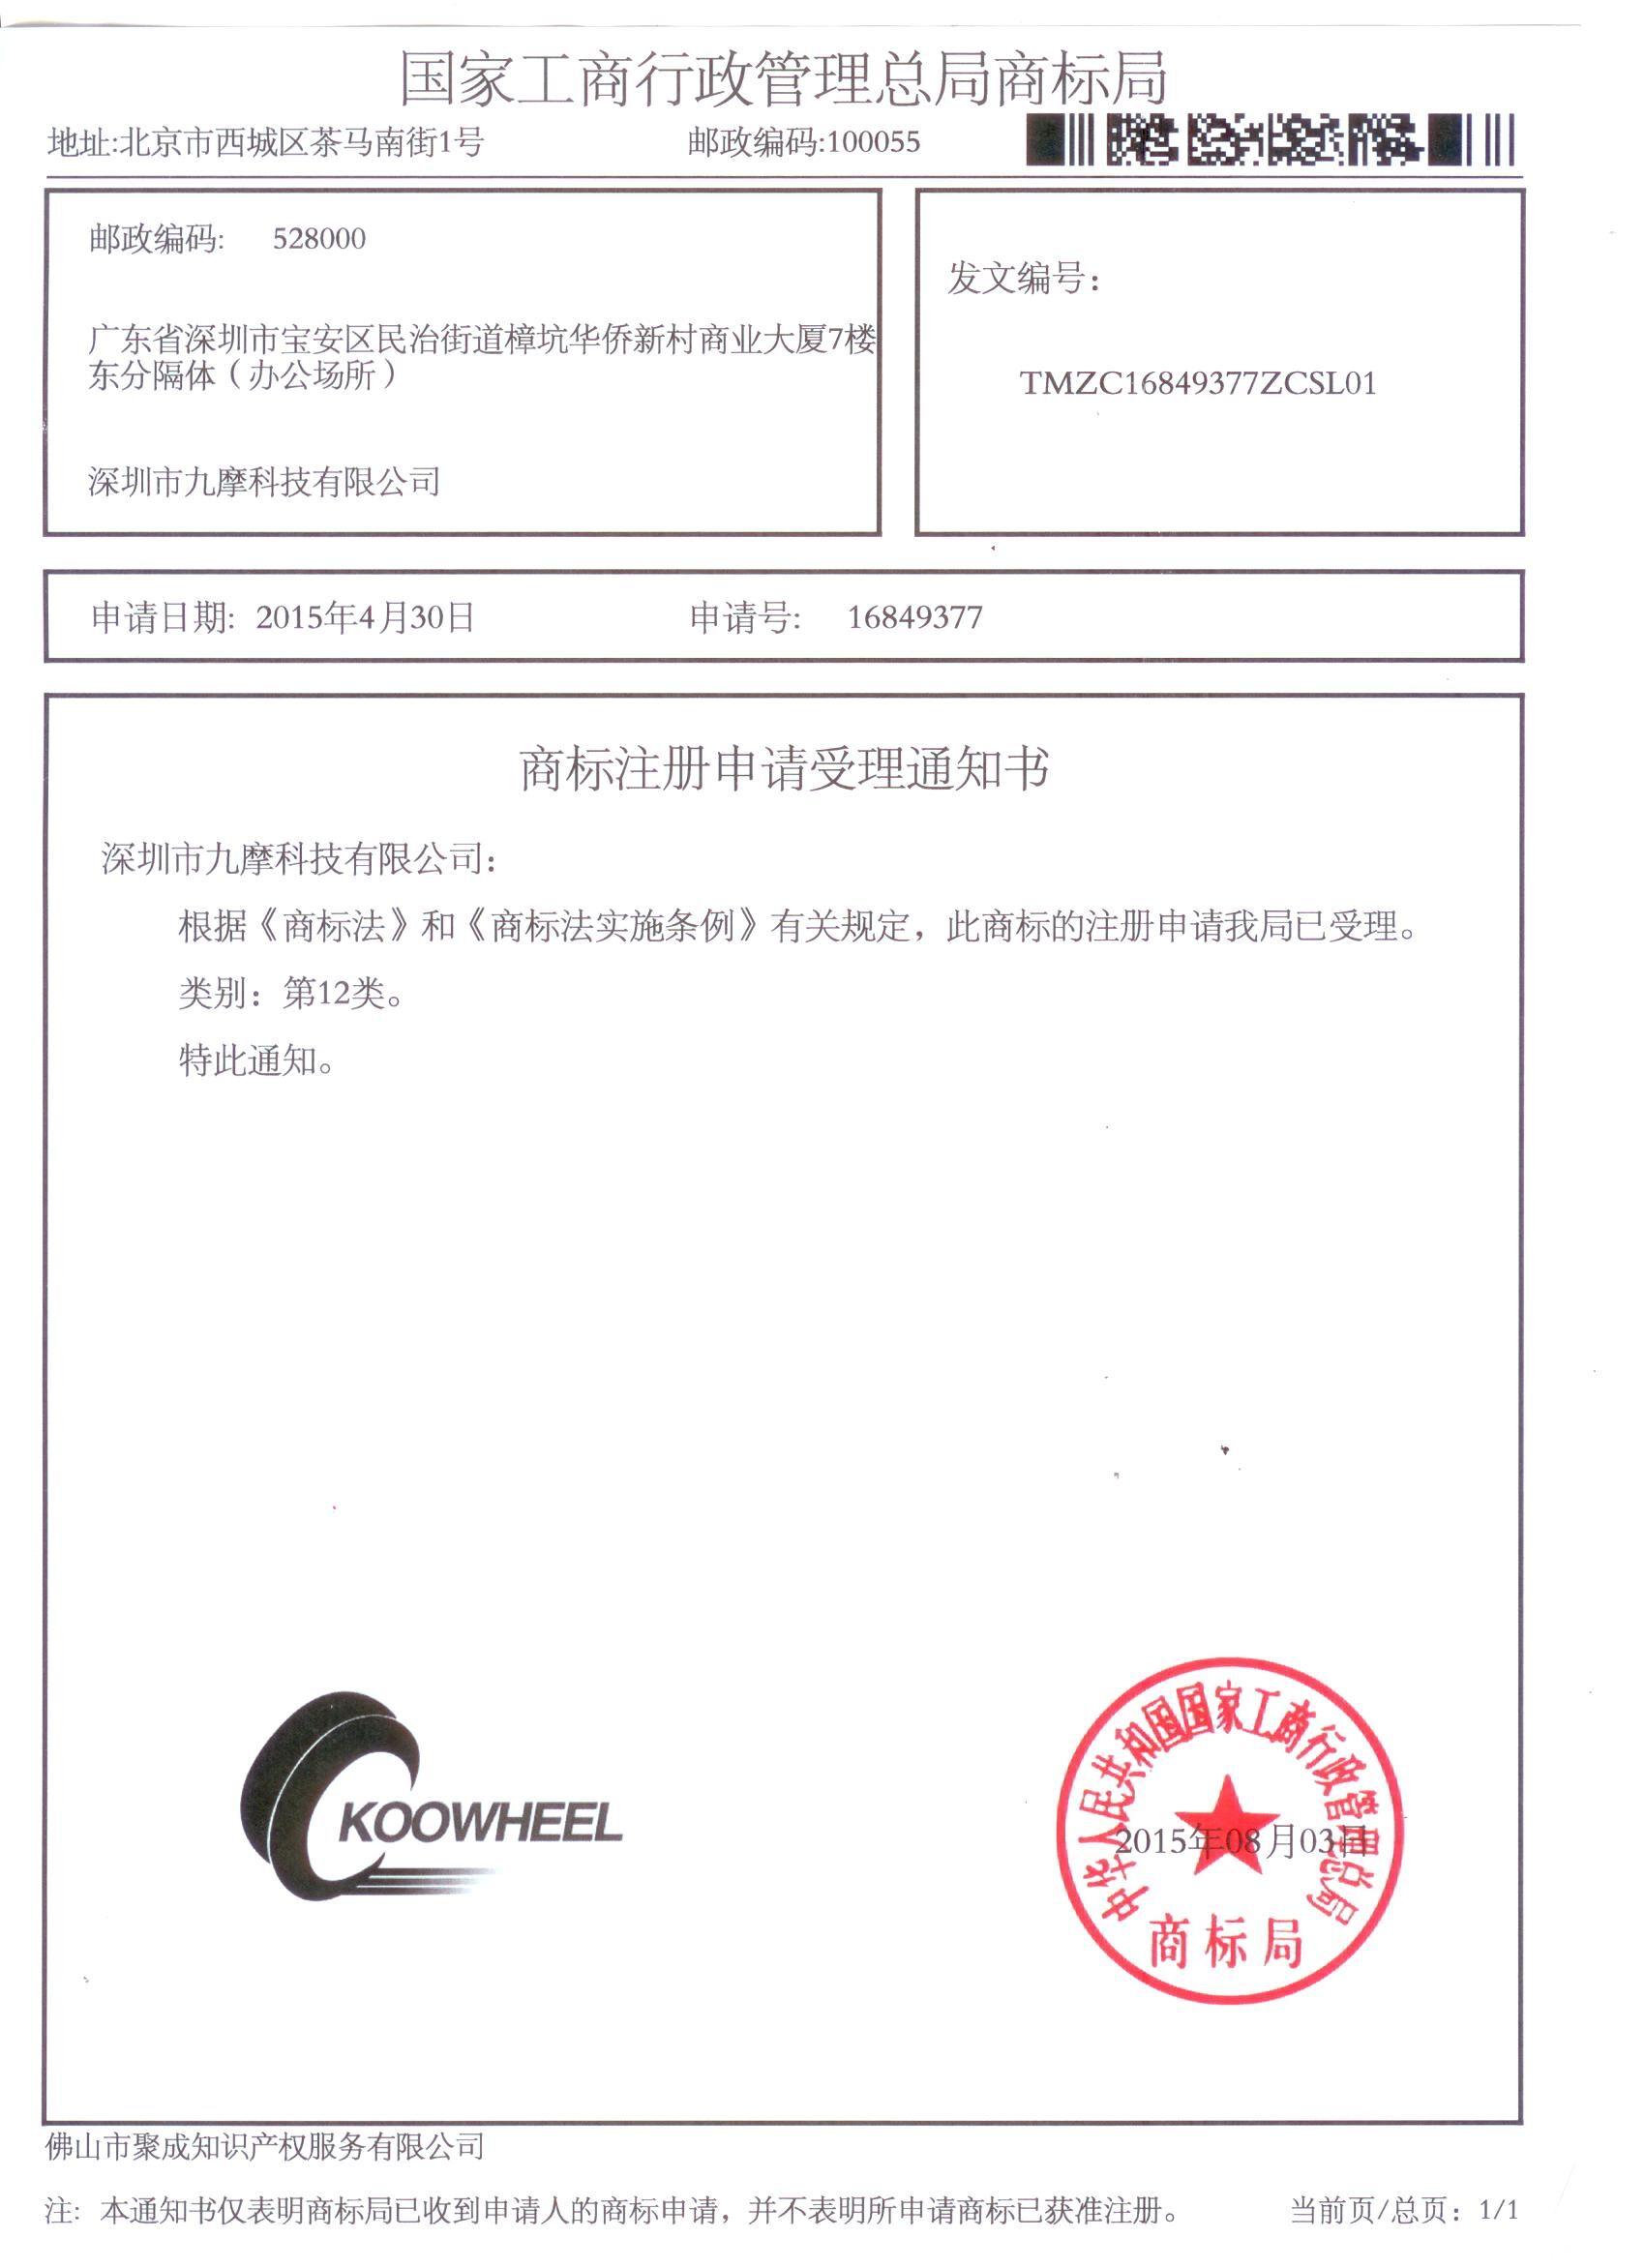 Koowheel Patent